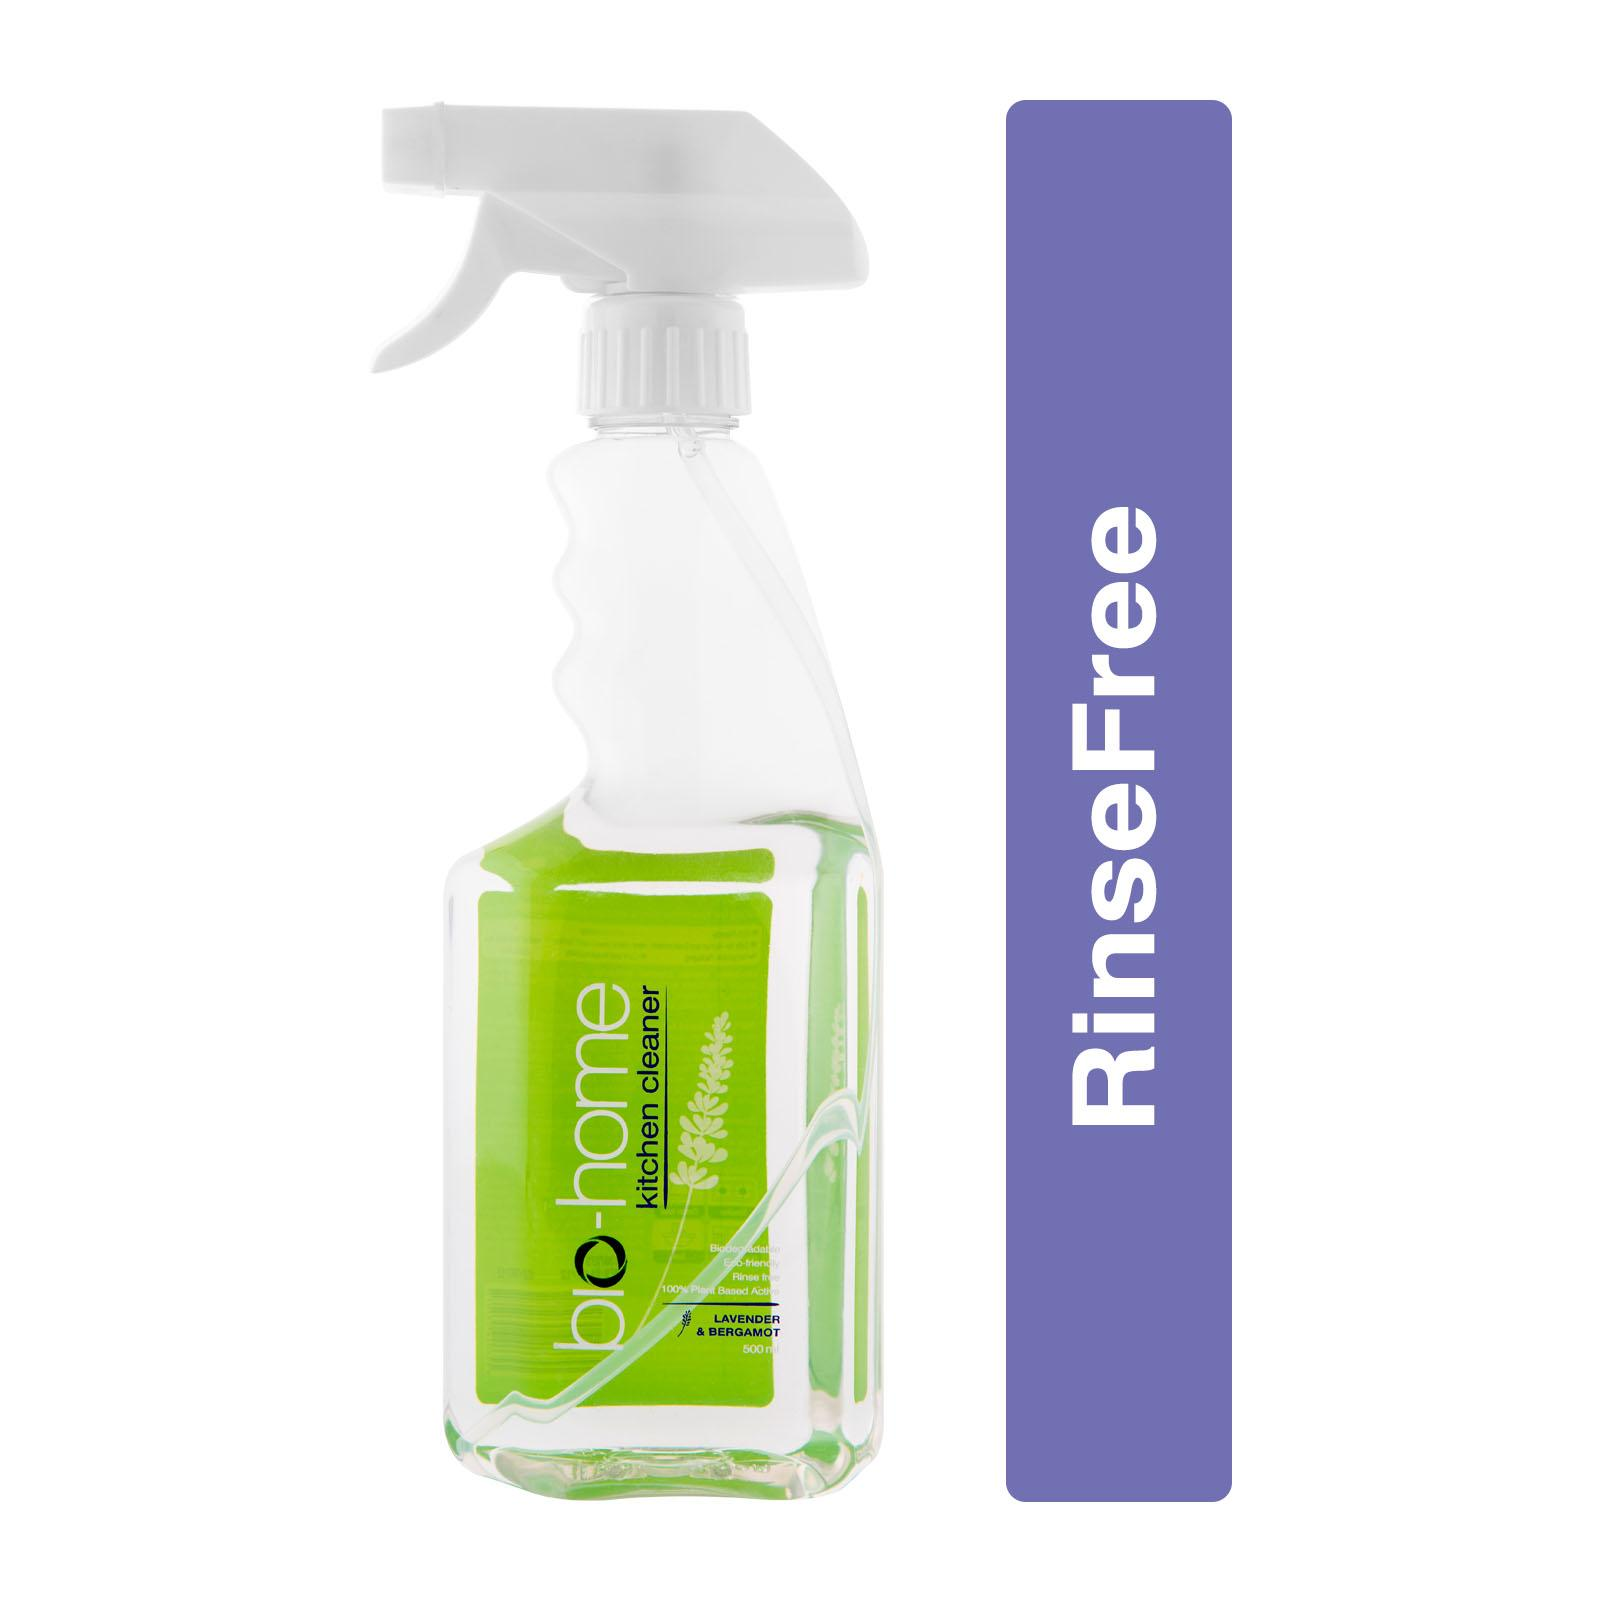 BIO HOME Kitchen Cleaner Lavender & Bergamot 500ml